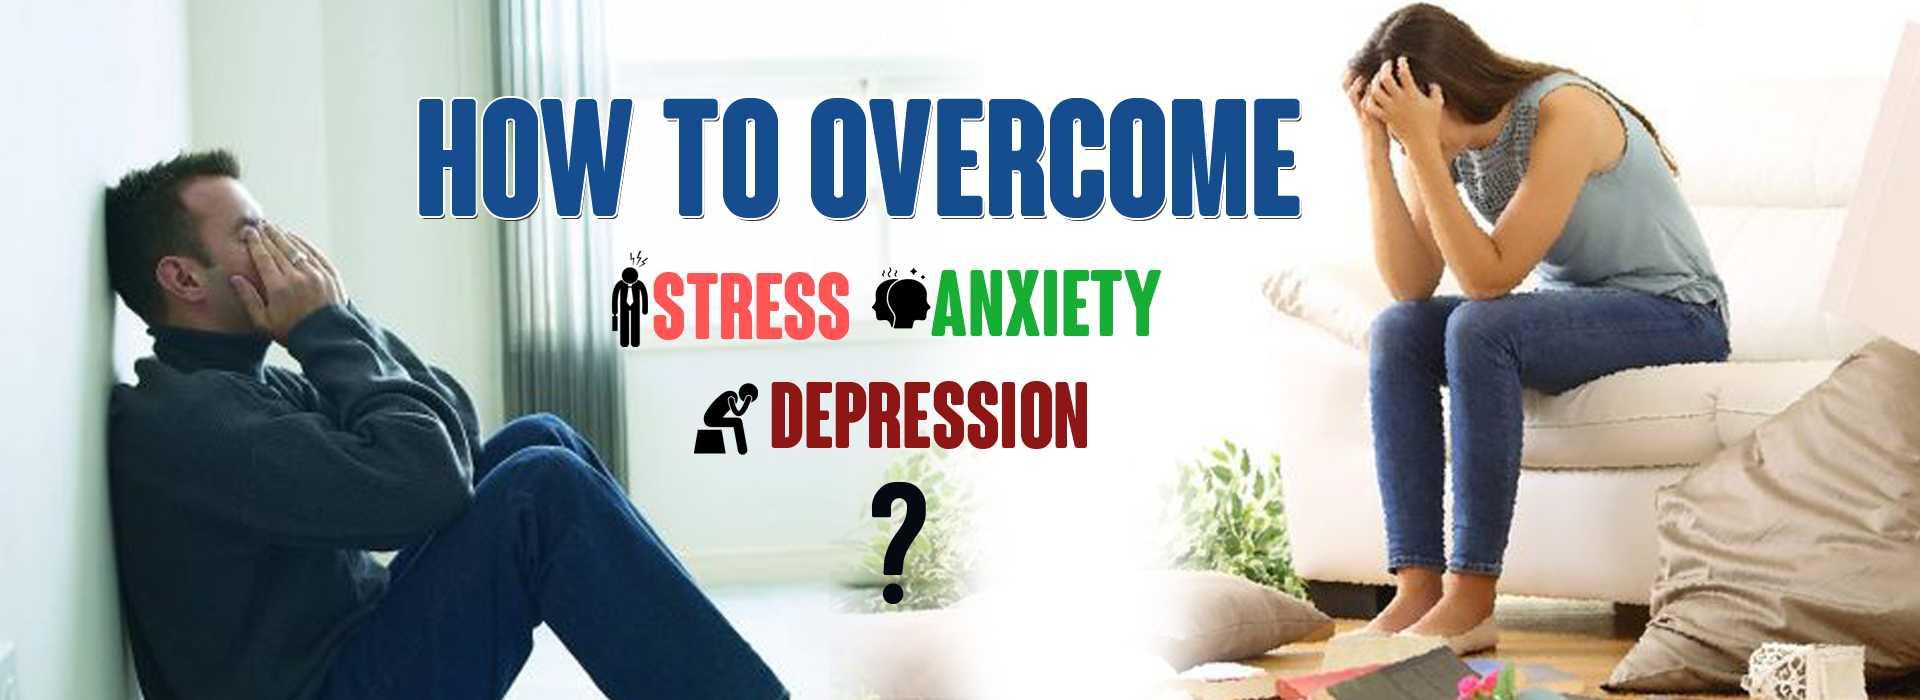 depression reveling yoga